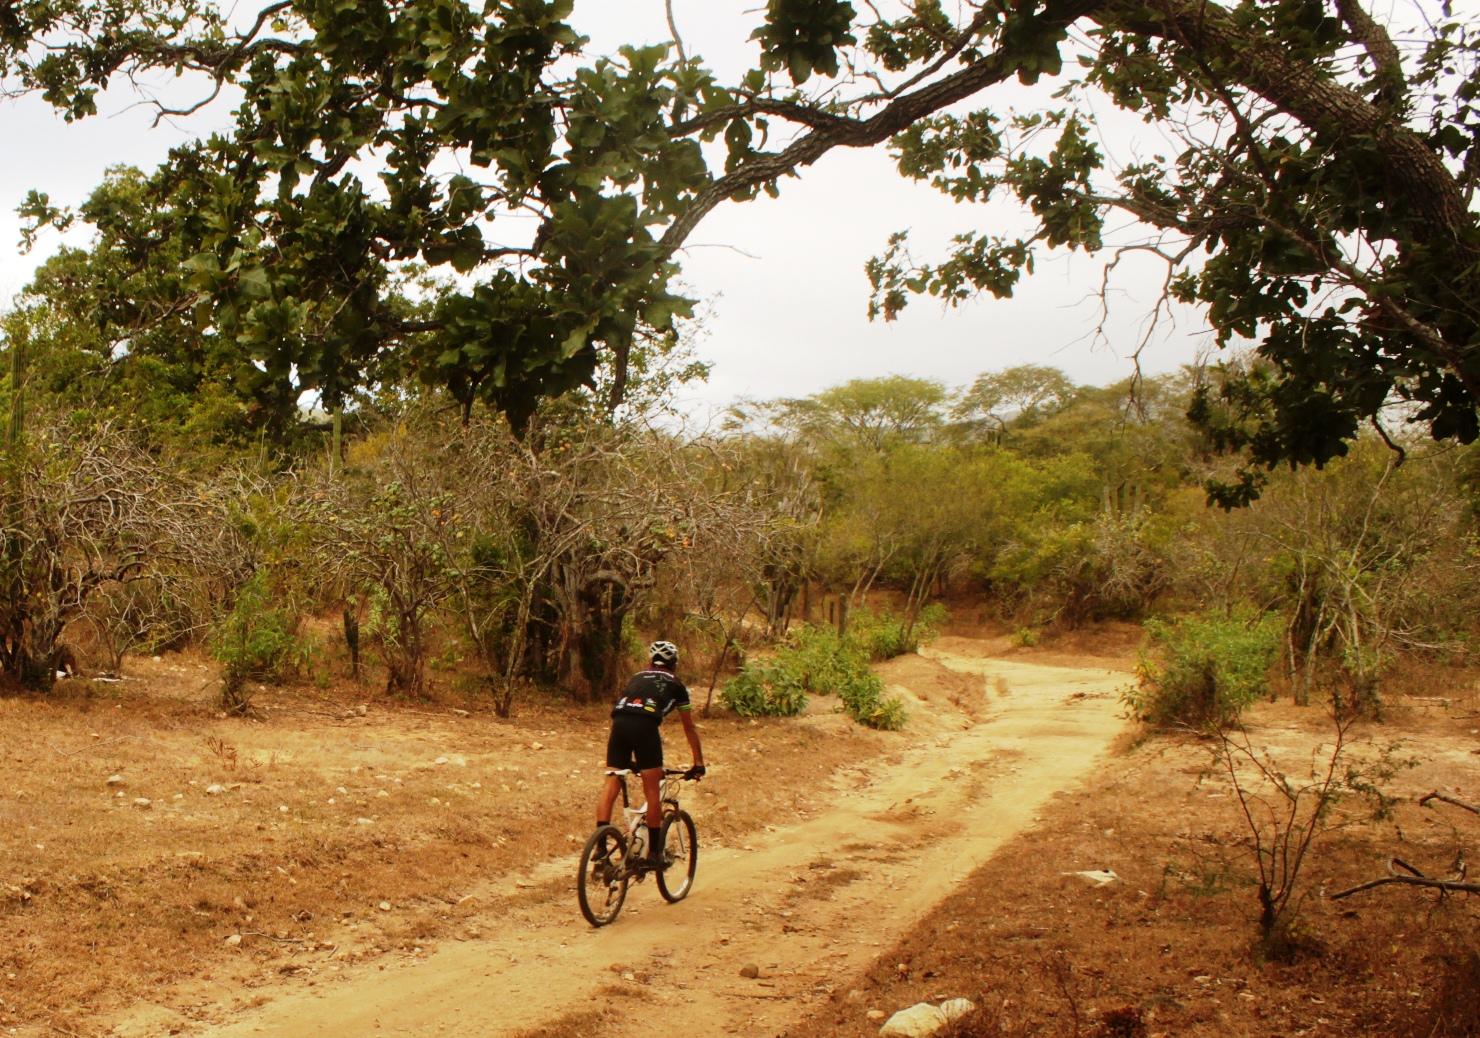 ciclismo-mtb-baja-sur-la-paz-mexico